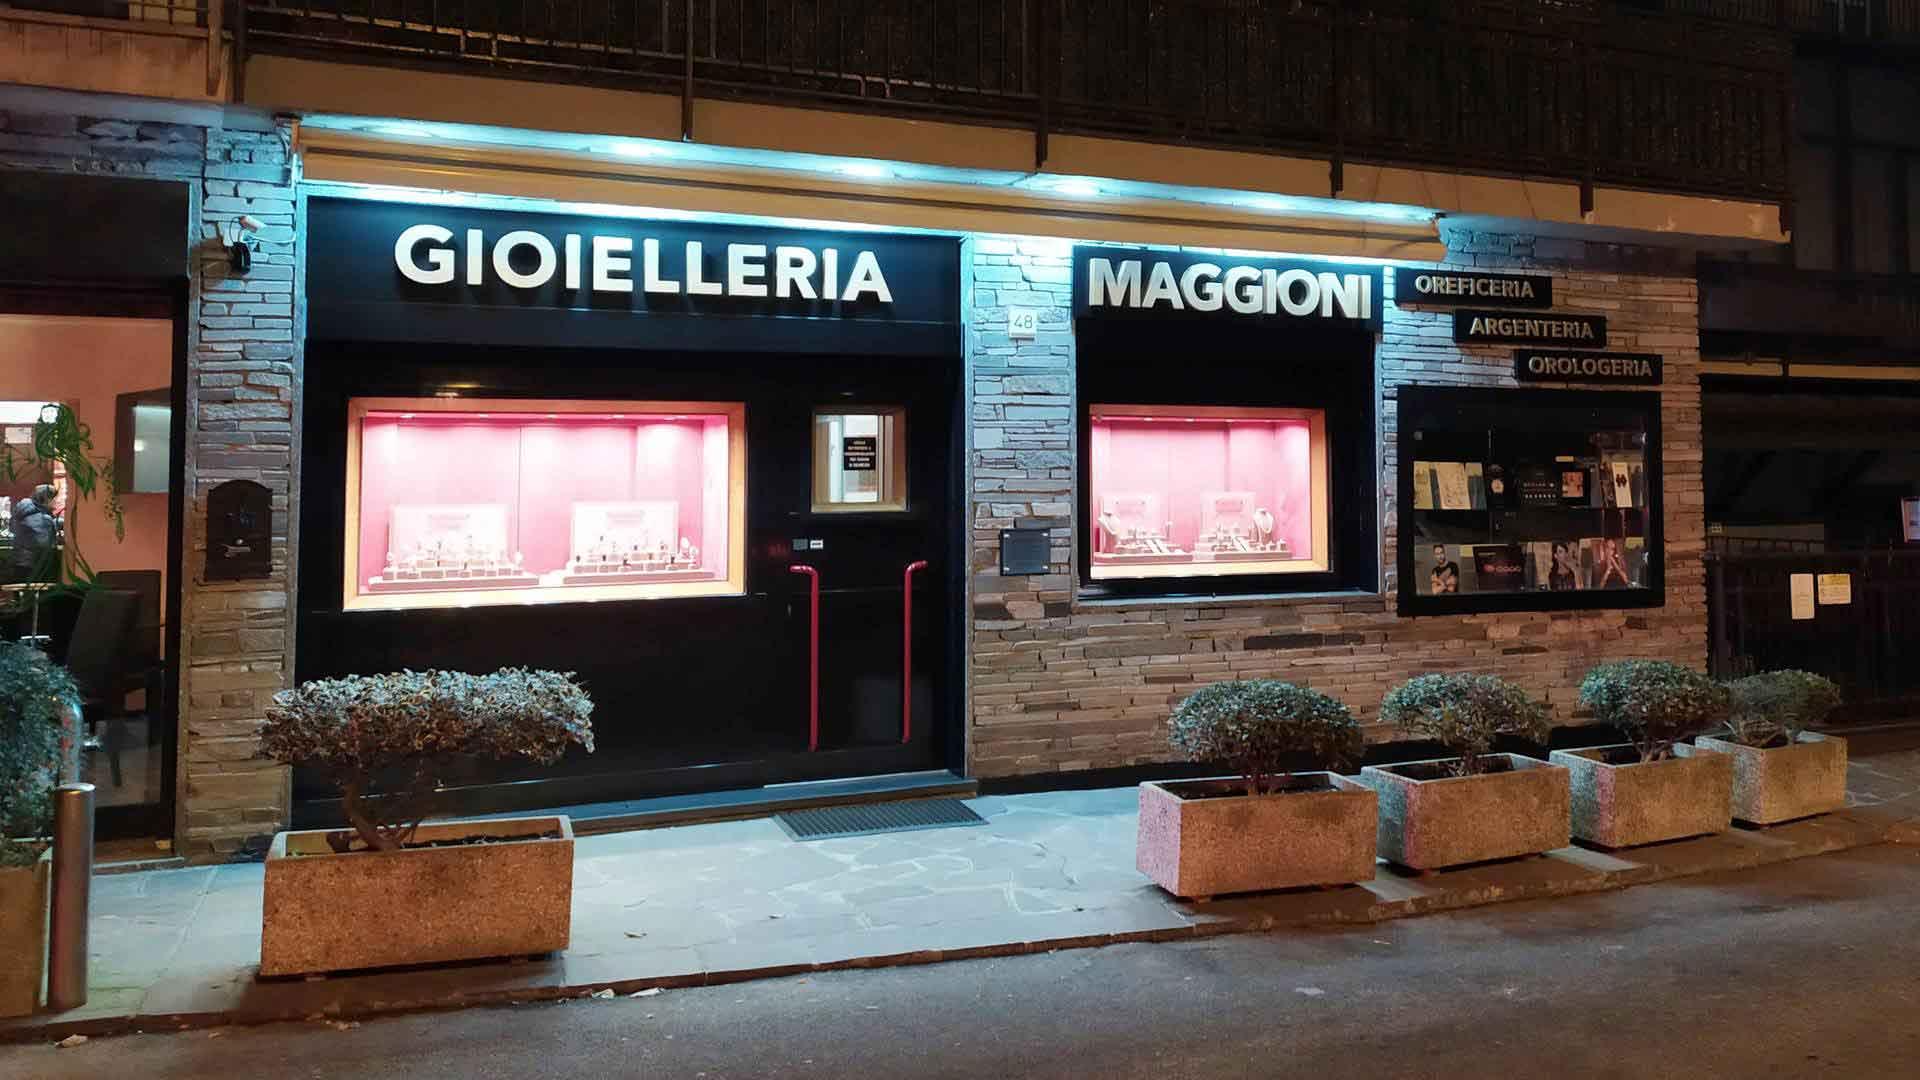 Gioielleria_Maggioni